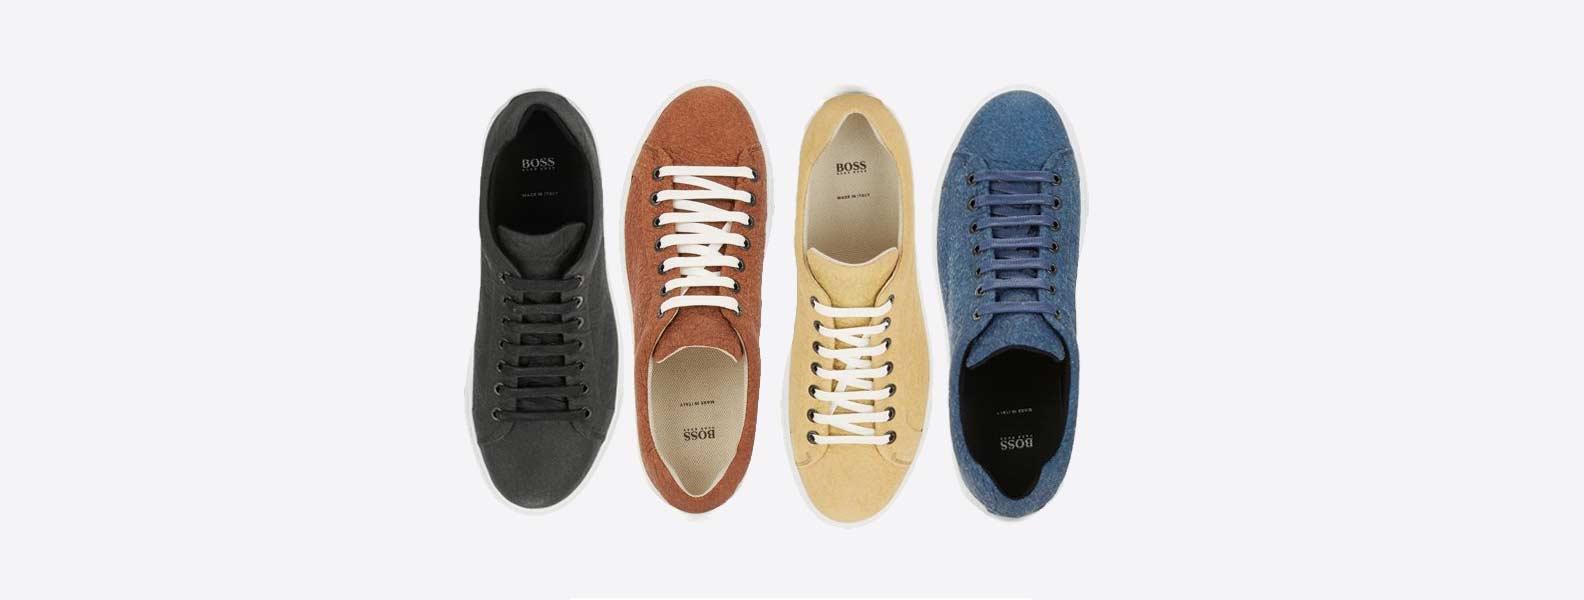 e9956e496 Hugo Boss lanza una linea de zapatos veganos en Piñatex - Idea Vegana